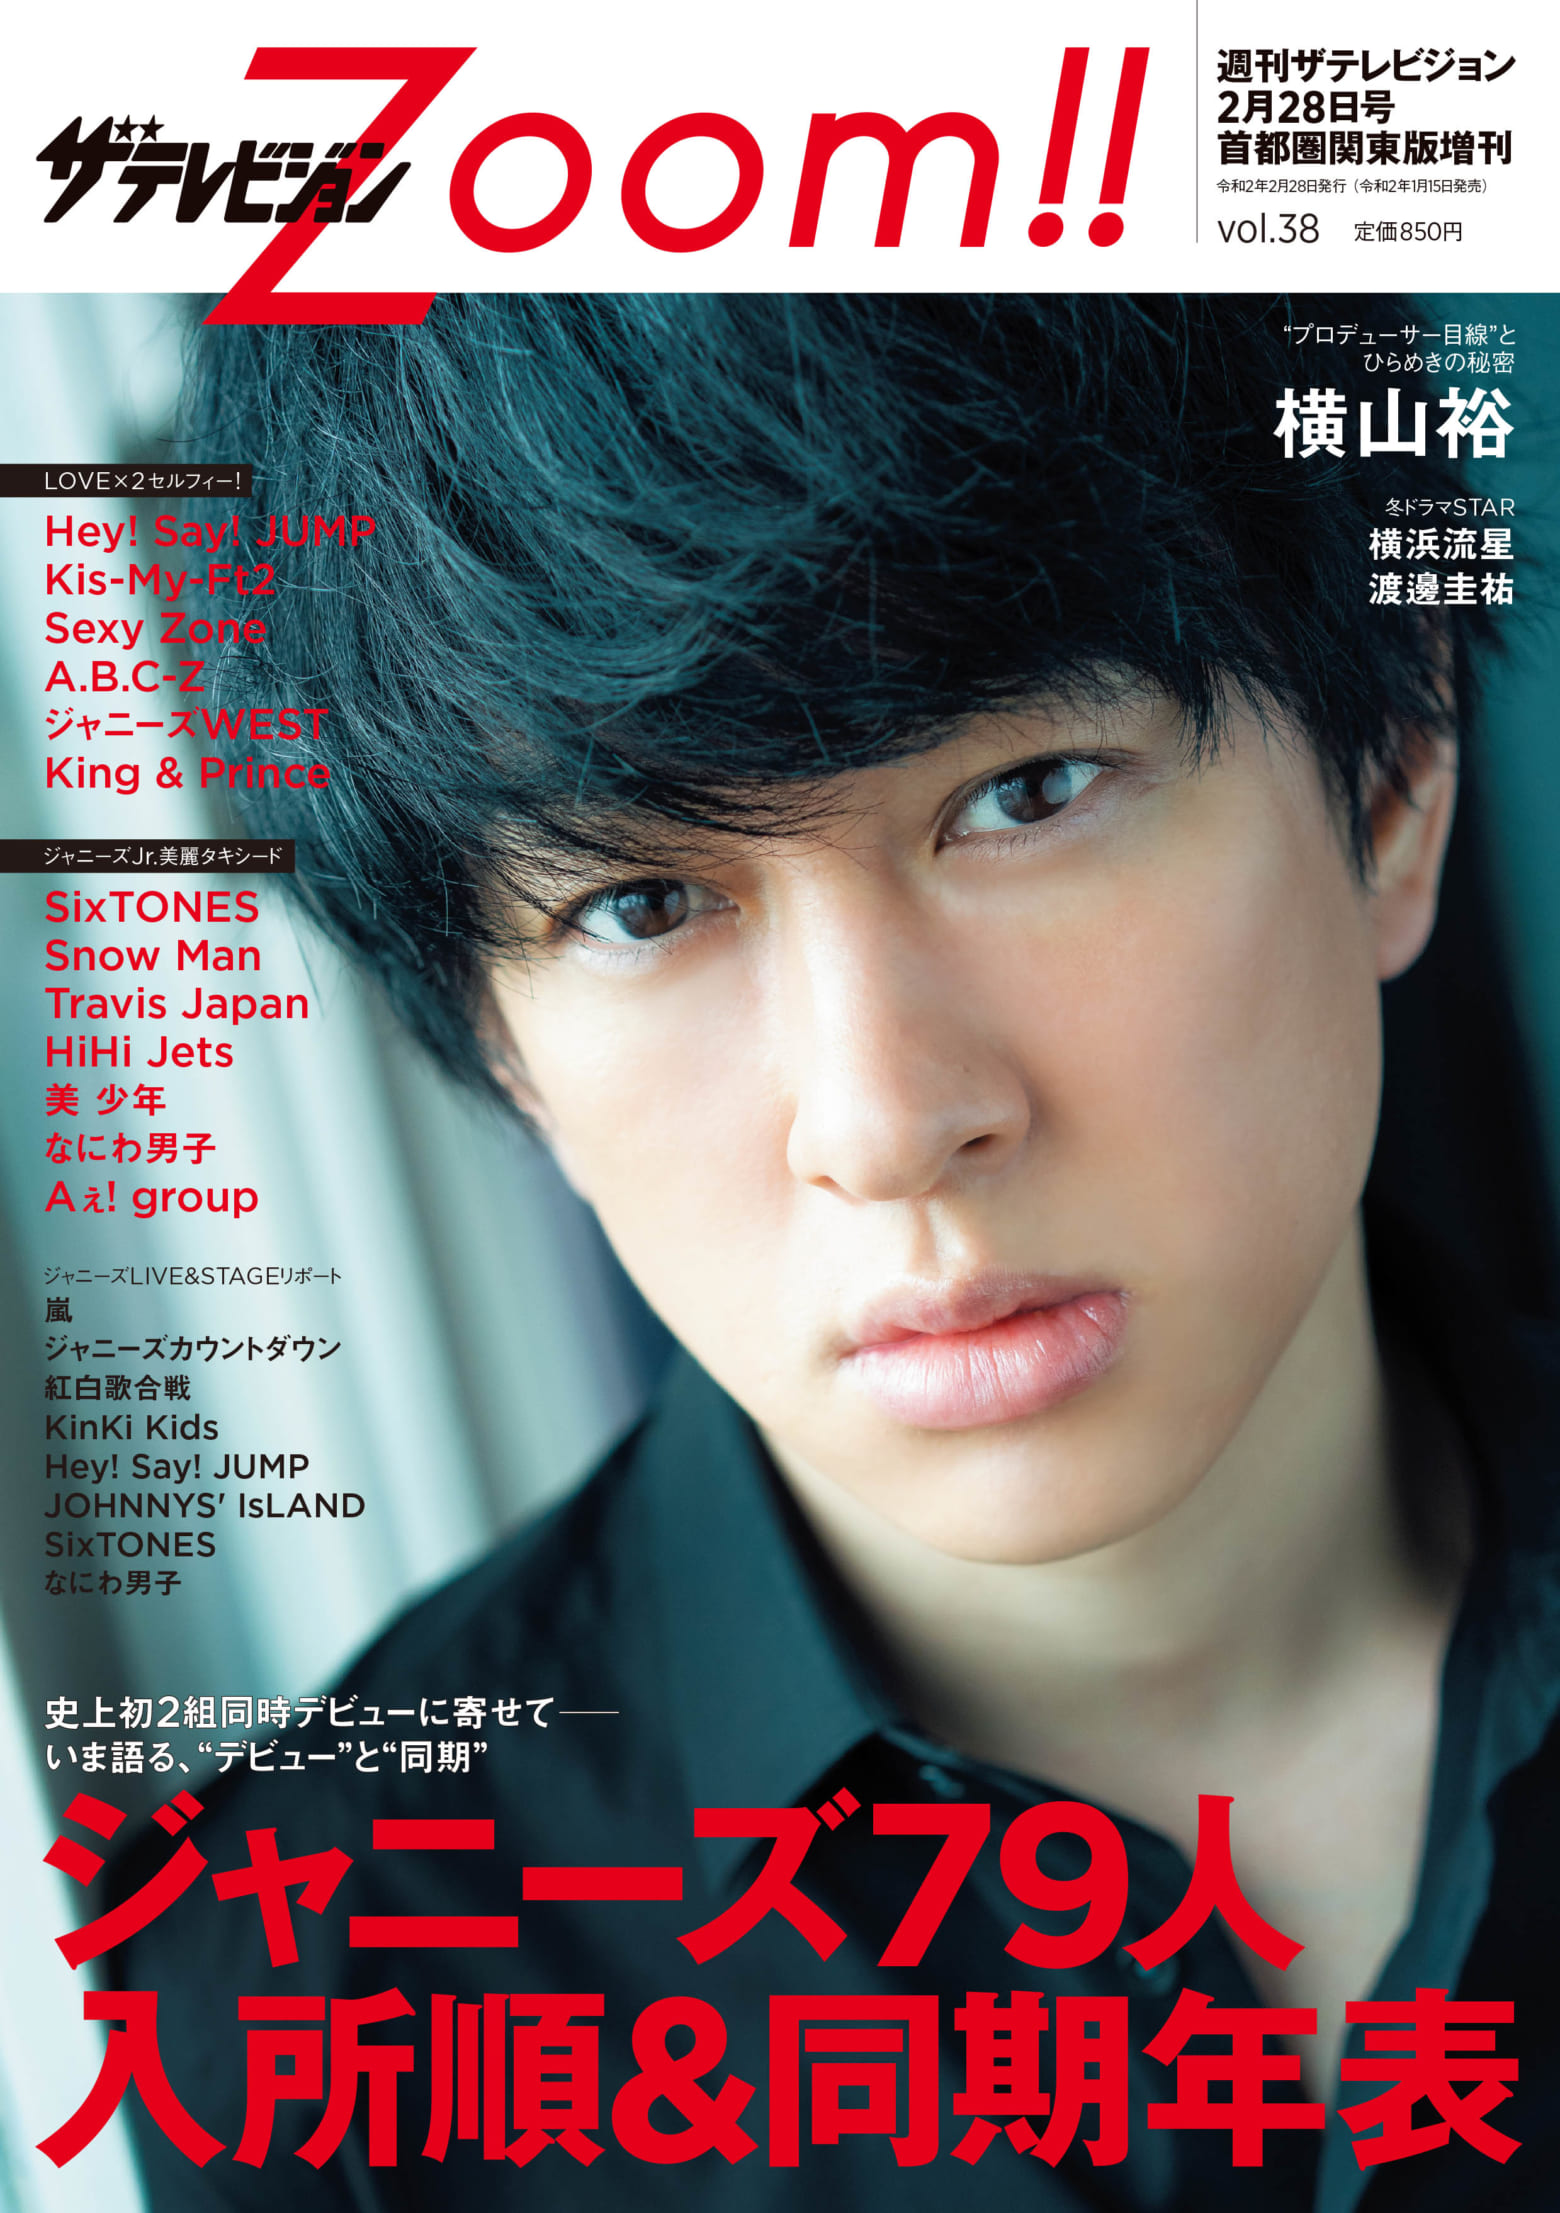 「ザテレビジョンZoom!! Vol.38」(定価850円)